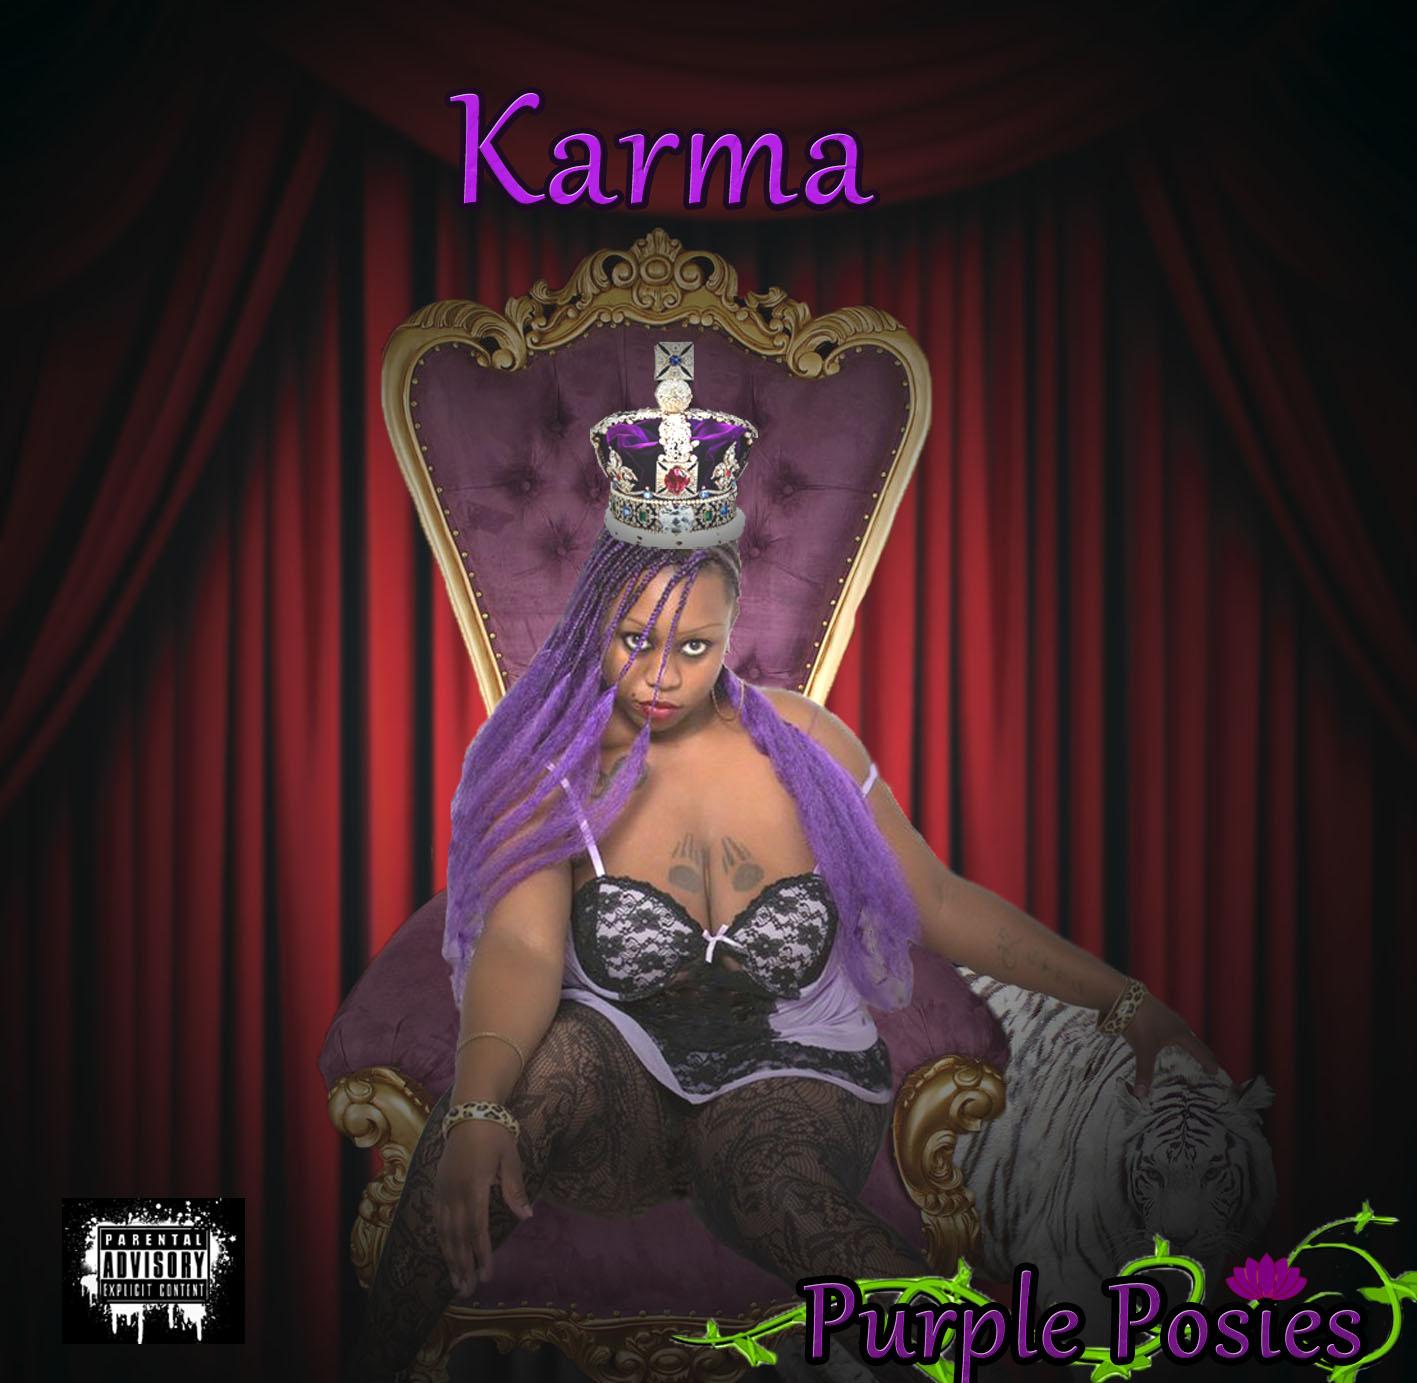 Karma- Purple Posies